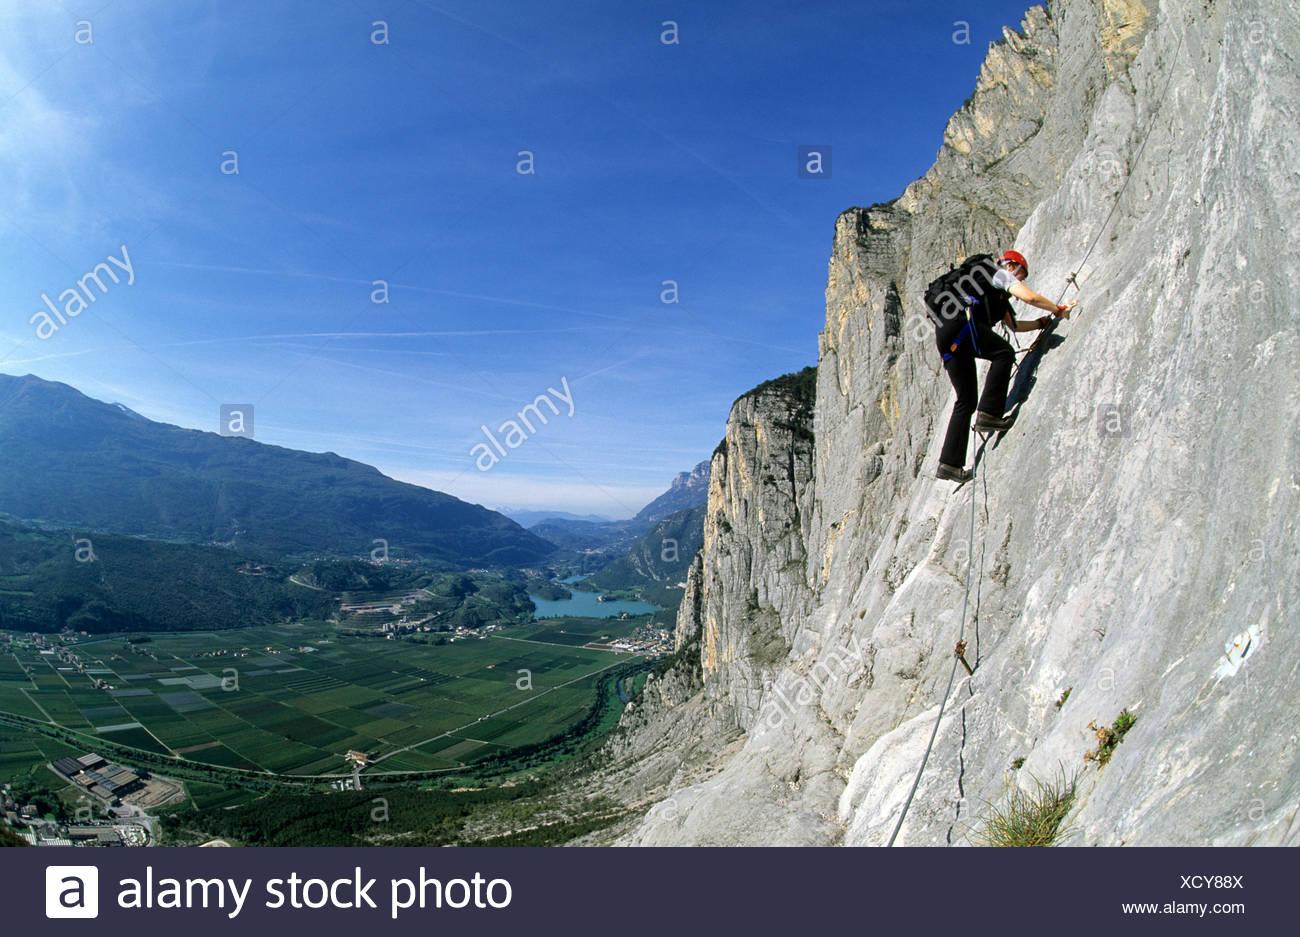 Klettersteig Che Guevara : Fotogalerie tourfotos fotos zur klettersteig tour via ferrata